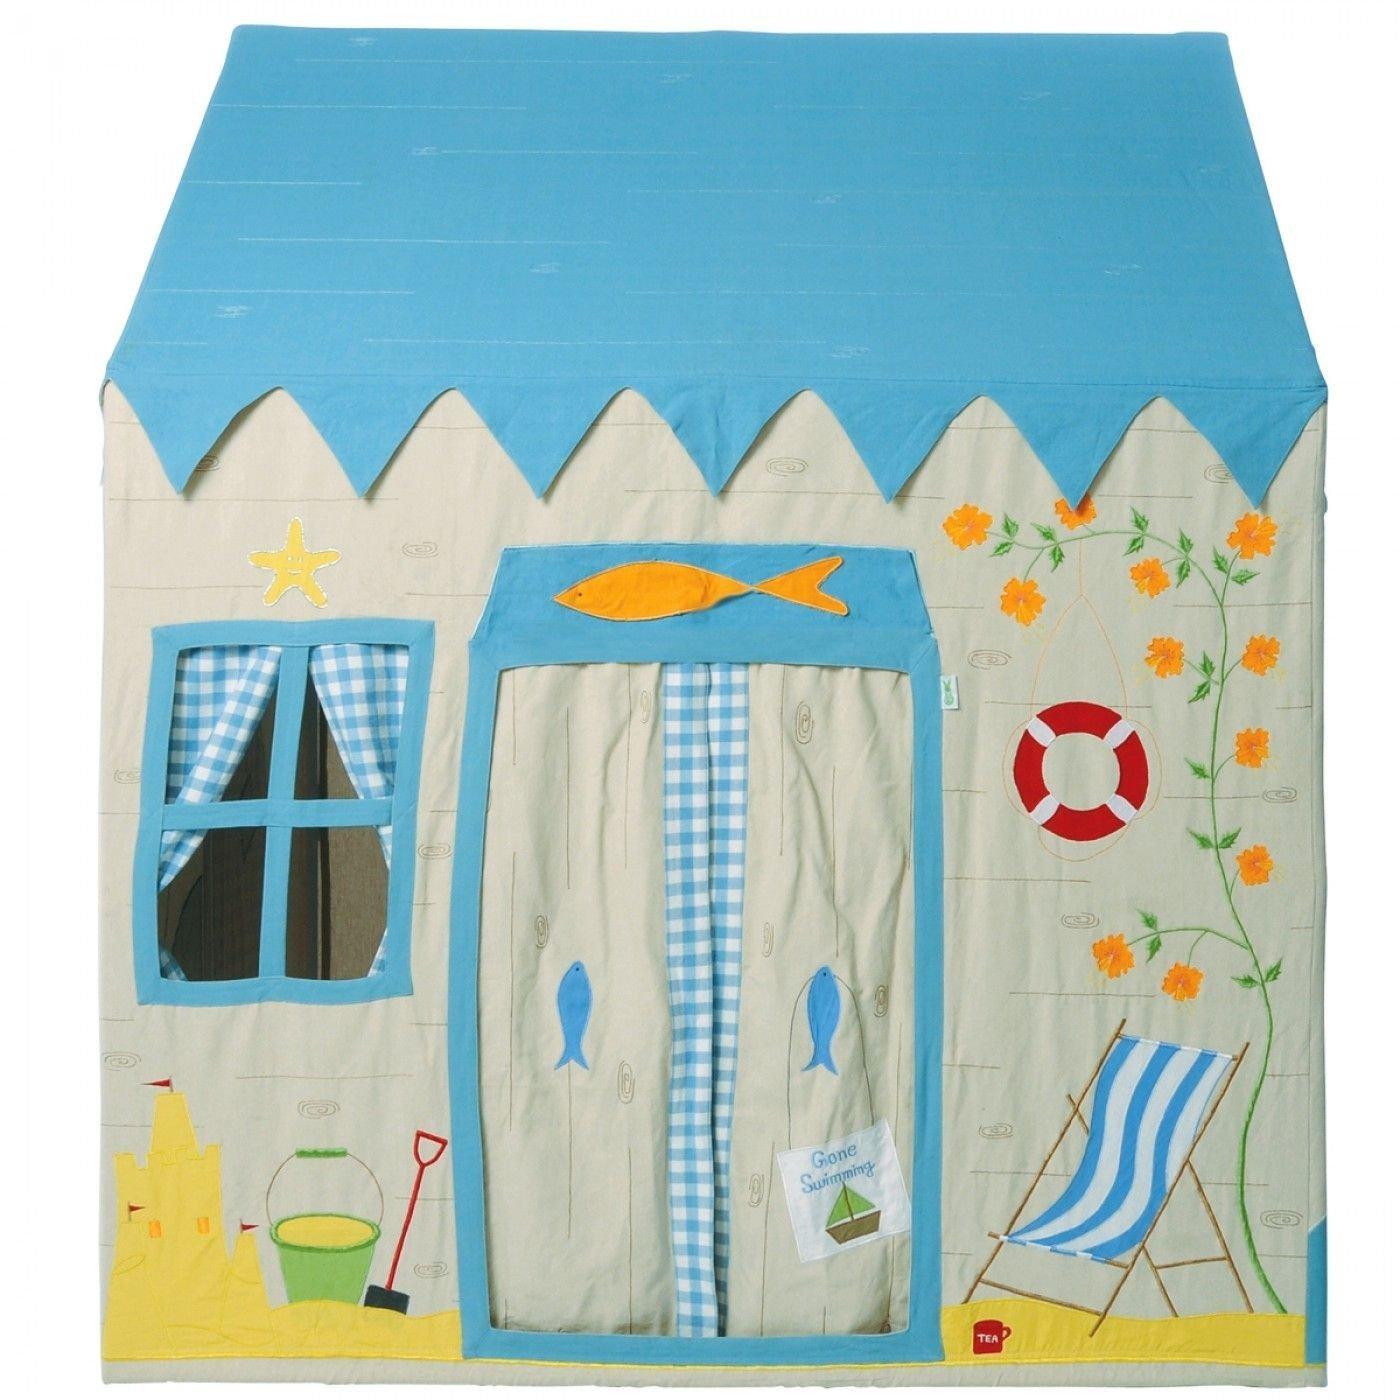 Spielzelt Bootshaus Größe: 110 cm H x 110 cm B x 74 cm T jetzt kaufen